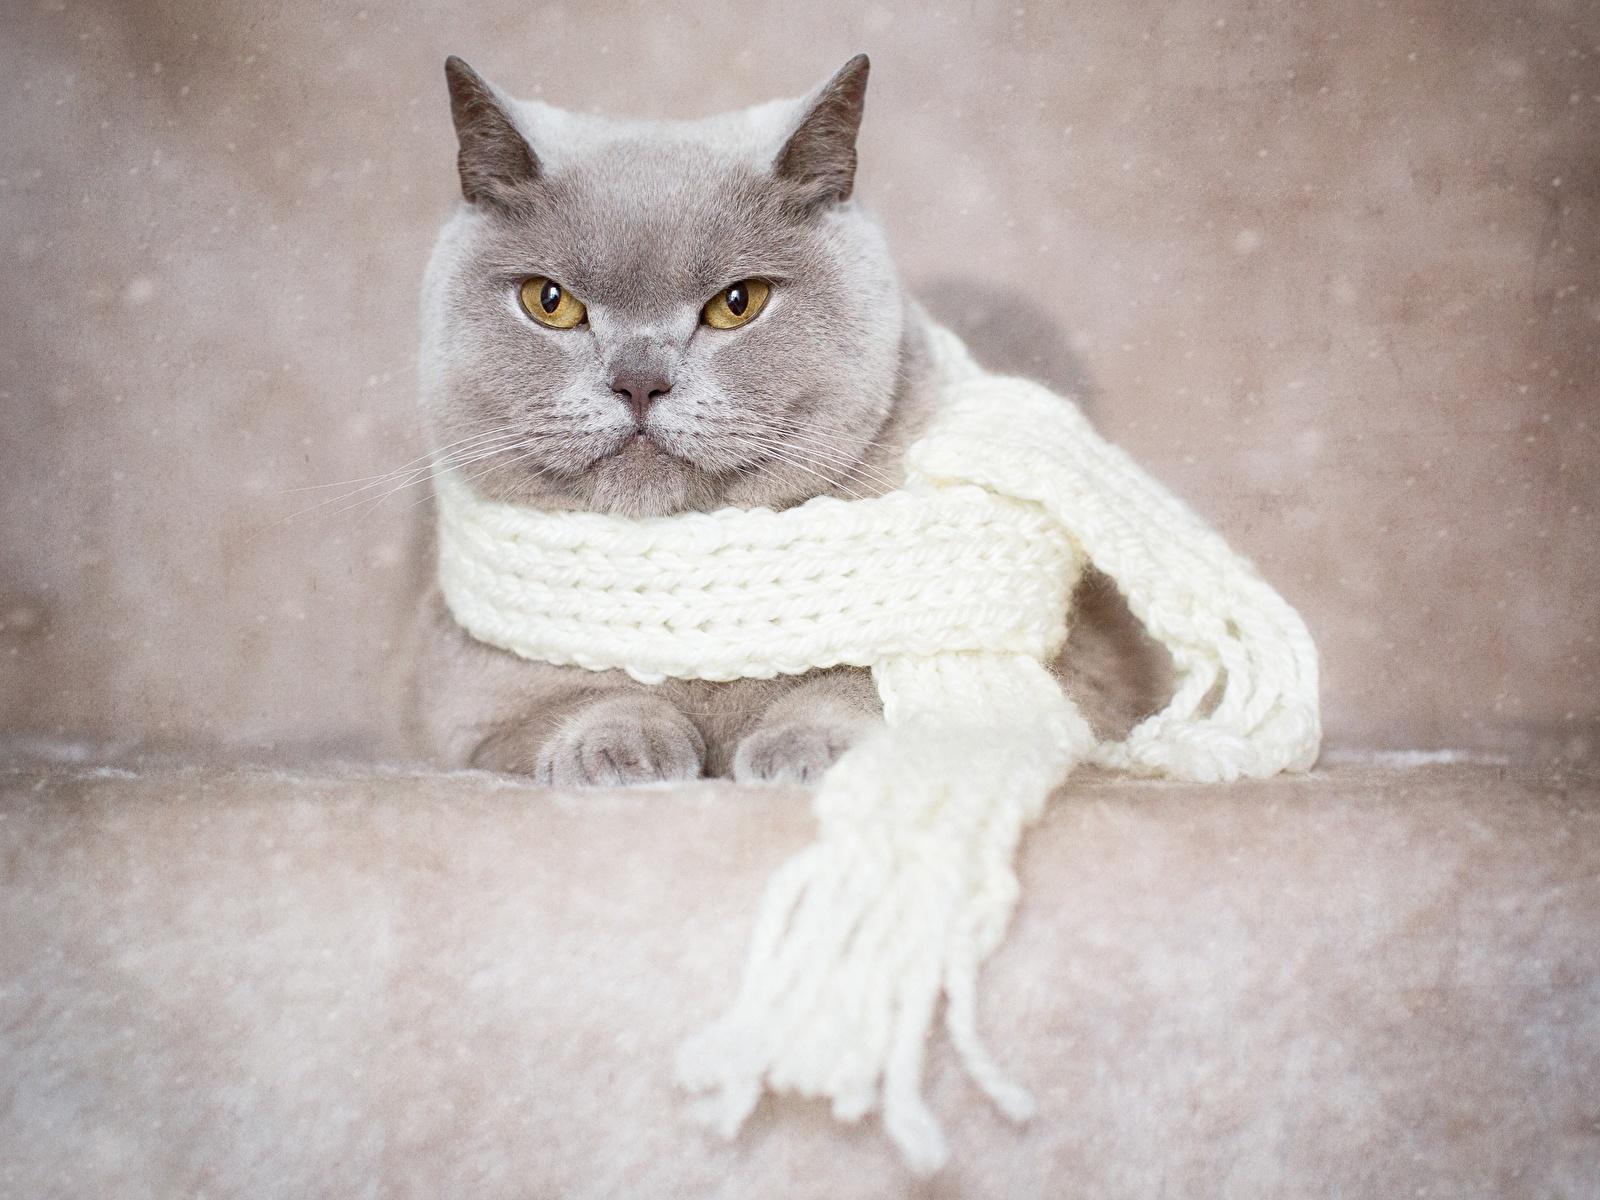 Фото Британская короткошёрстная Кошки шарфе серая Животные 1600x1200 кот коты кошка Шарф шарфом Серый серые животное